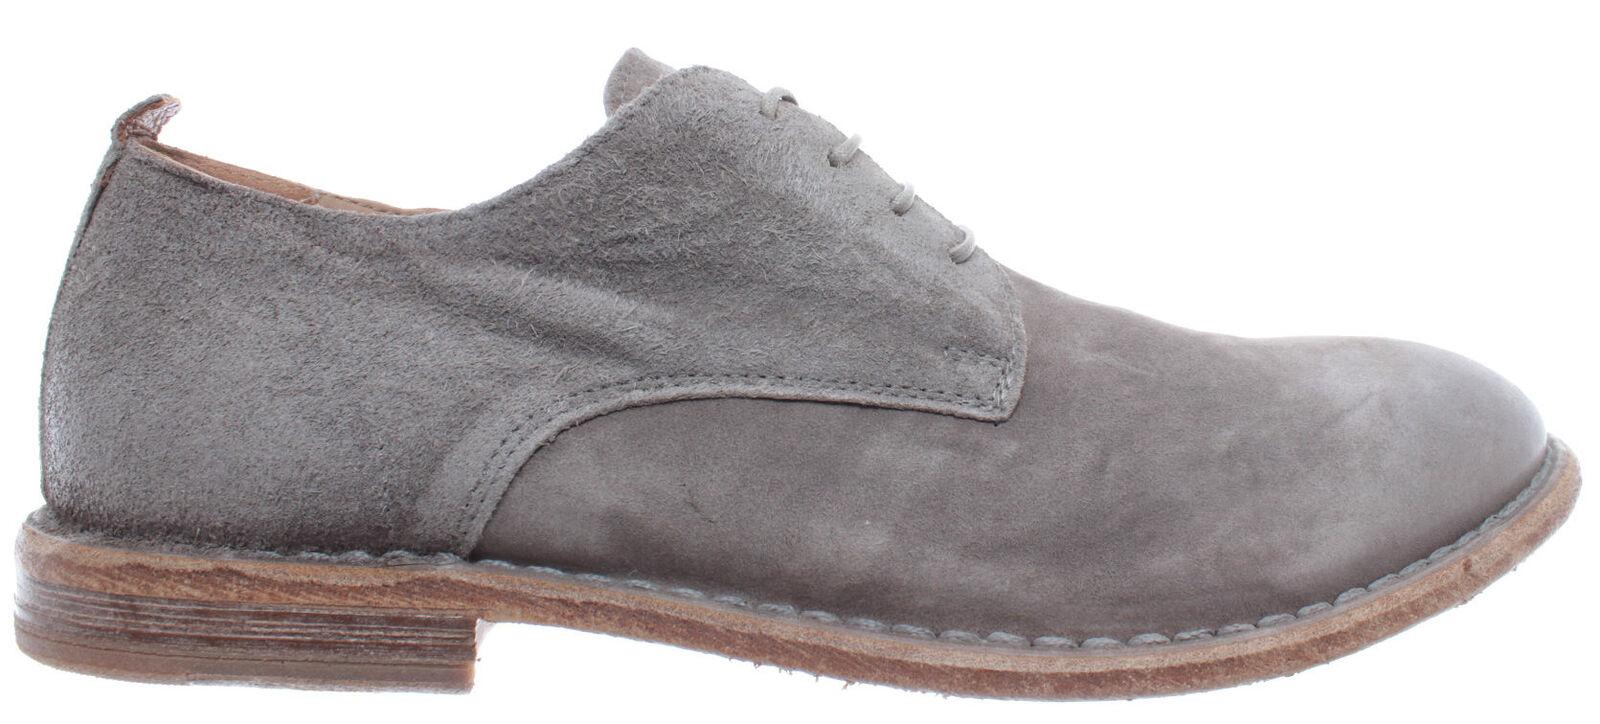 MOMA Herren Schuhe Klassische 22901-4D Oliver grau Wildleder Grau Vintage Neu